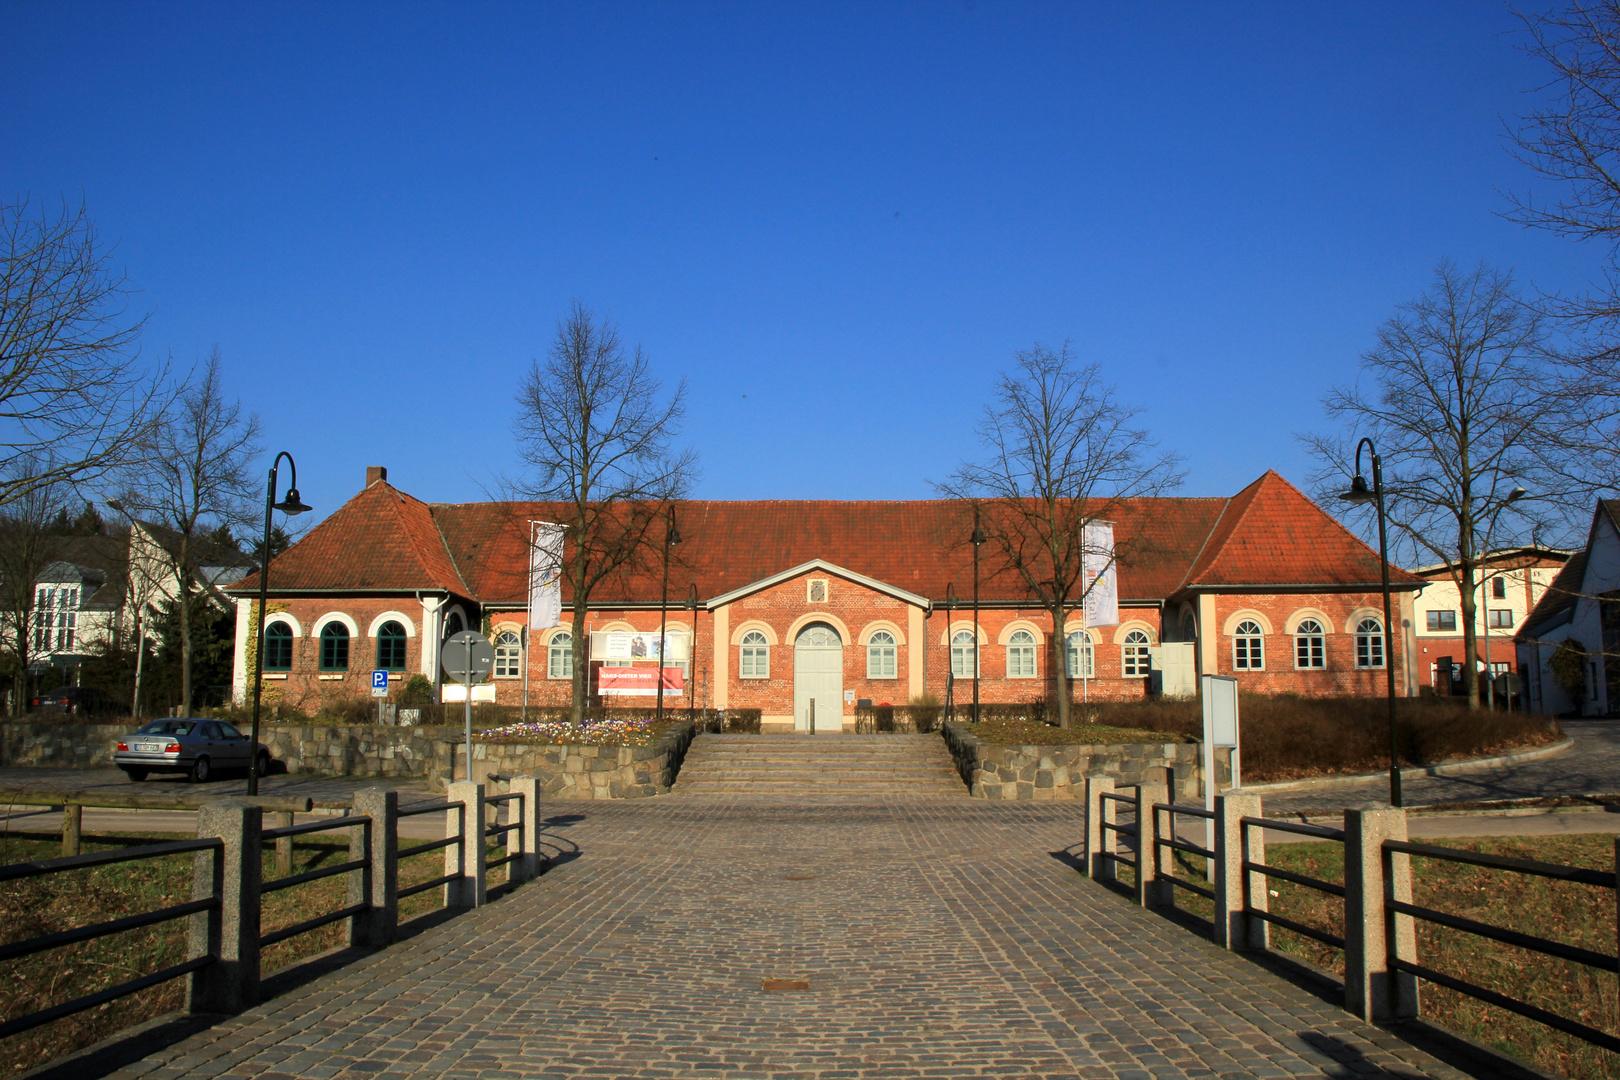 Gesehen nebst dem Schloß Ahrensburg - Marstall